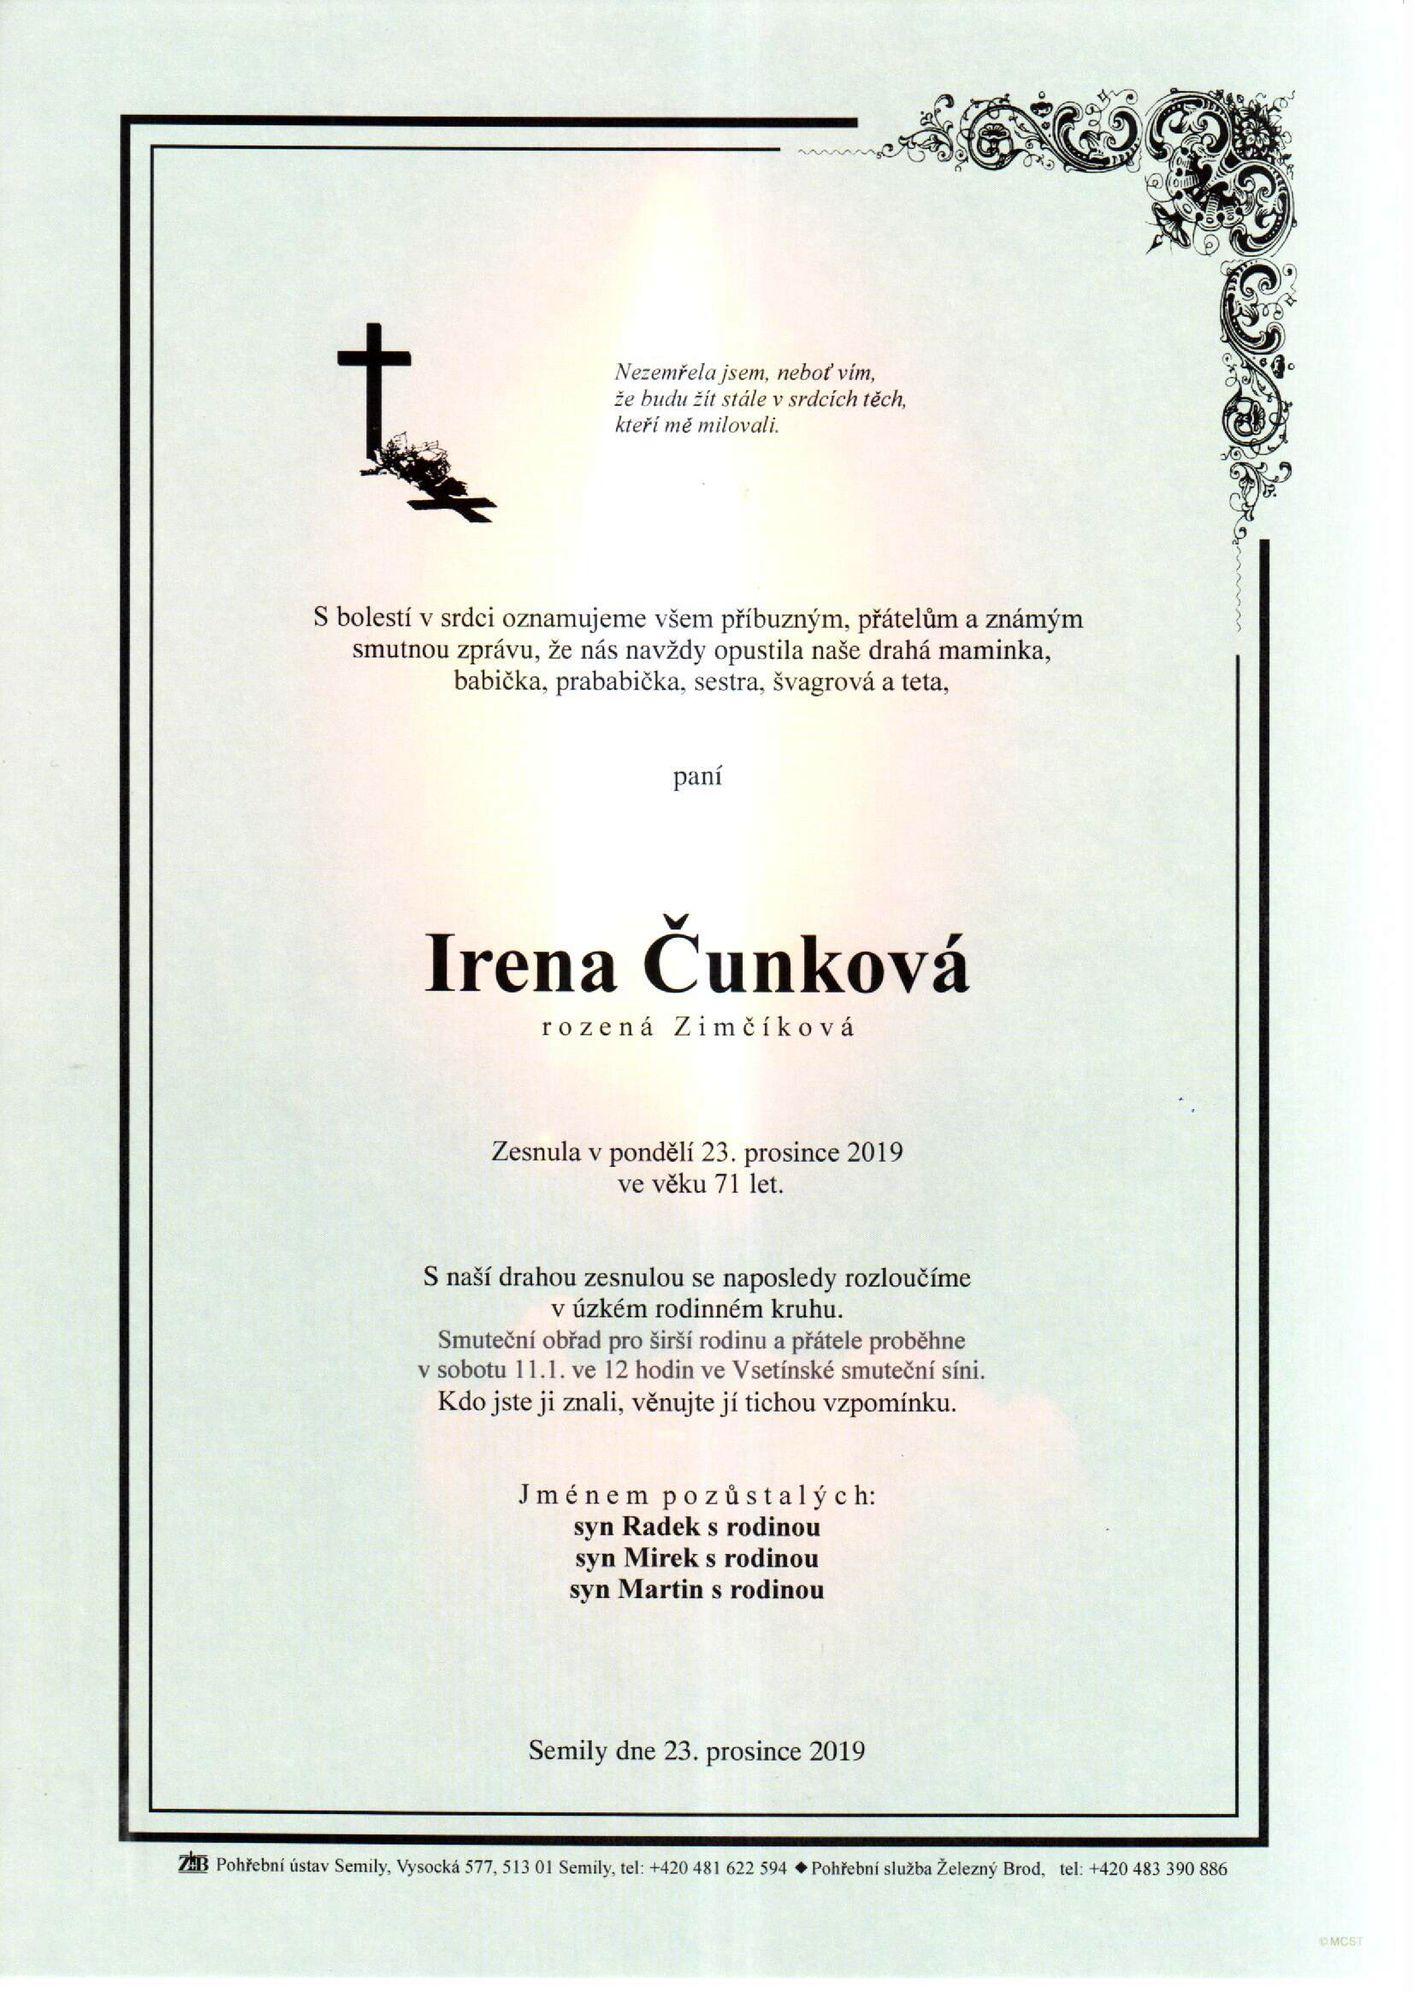 Irena Čunková